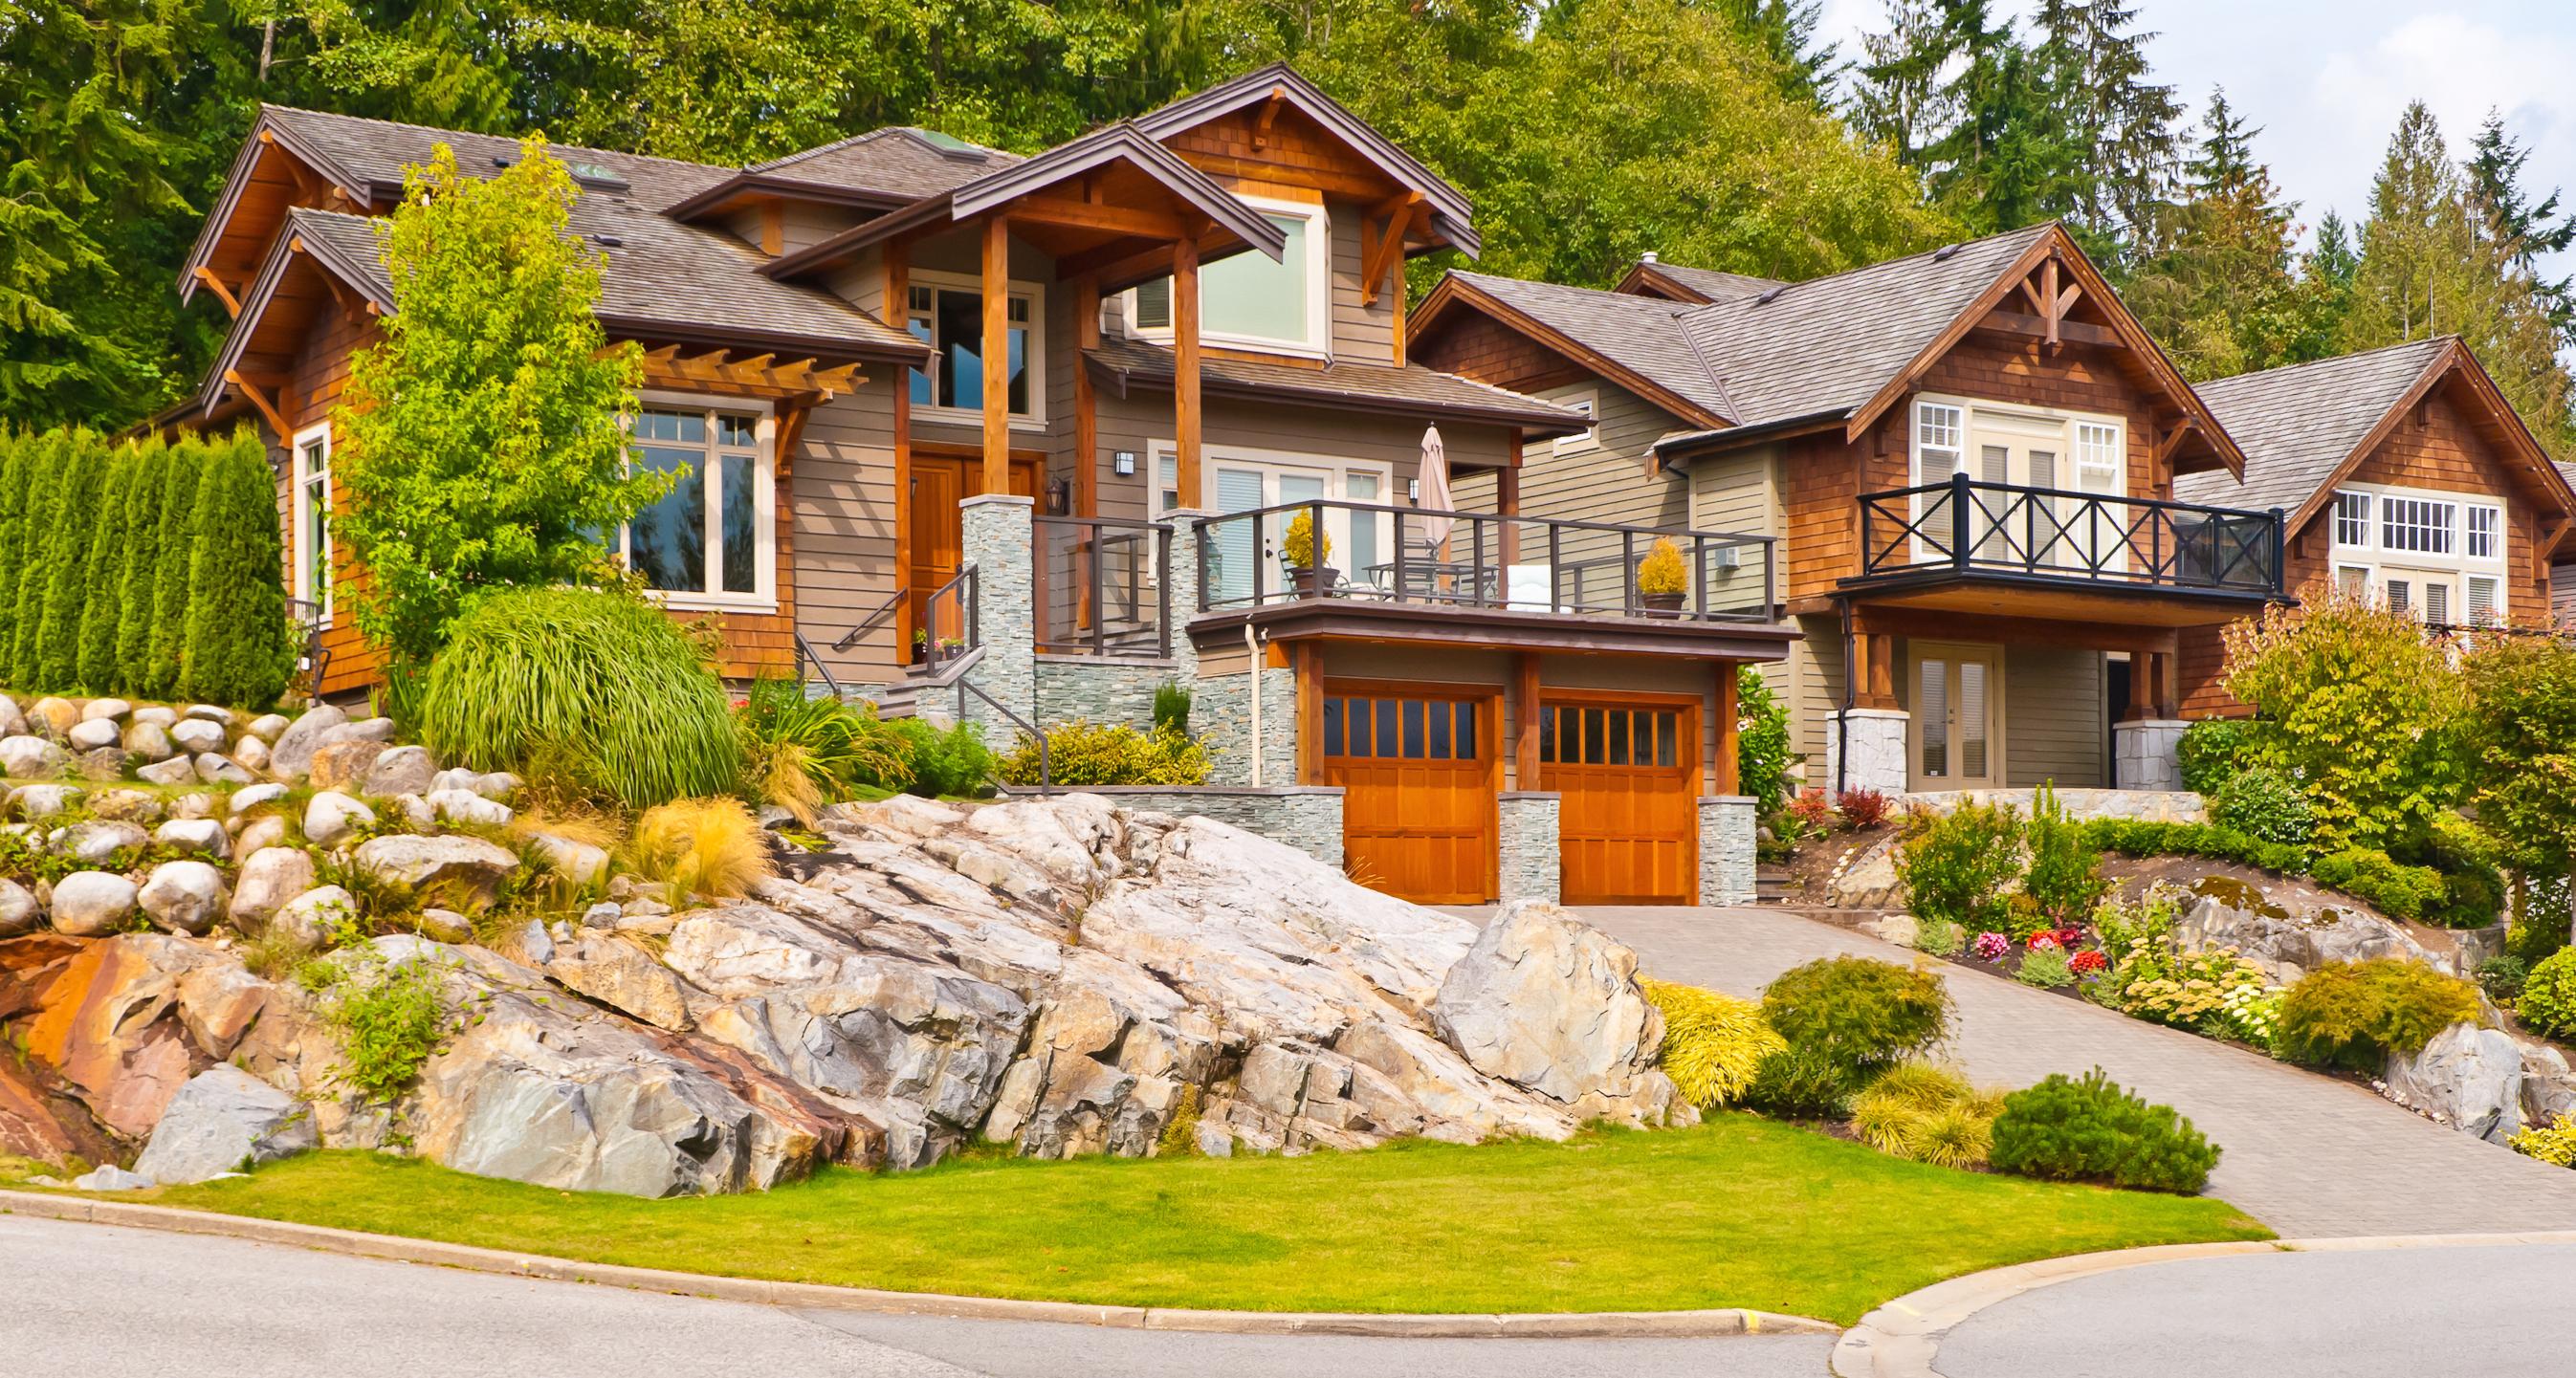 spokane greenacres area mls homes houses properties real